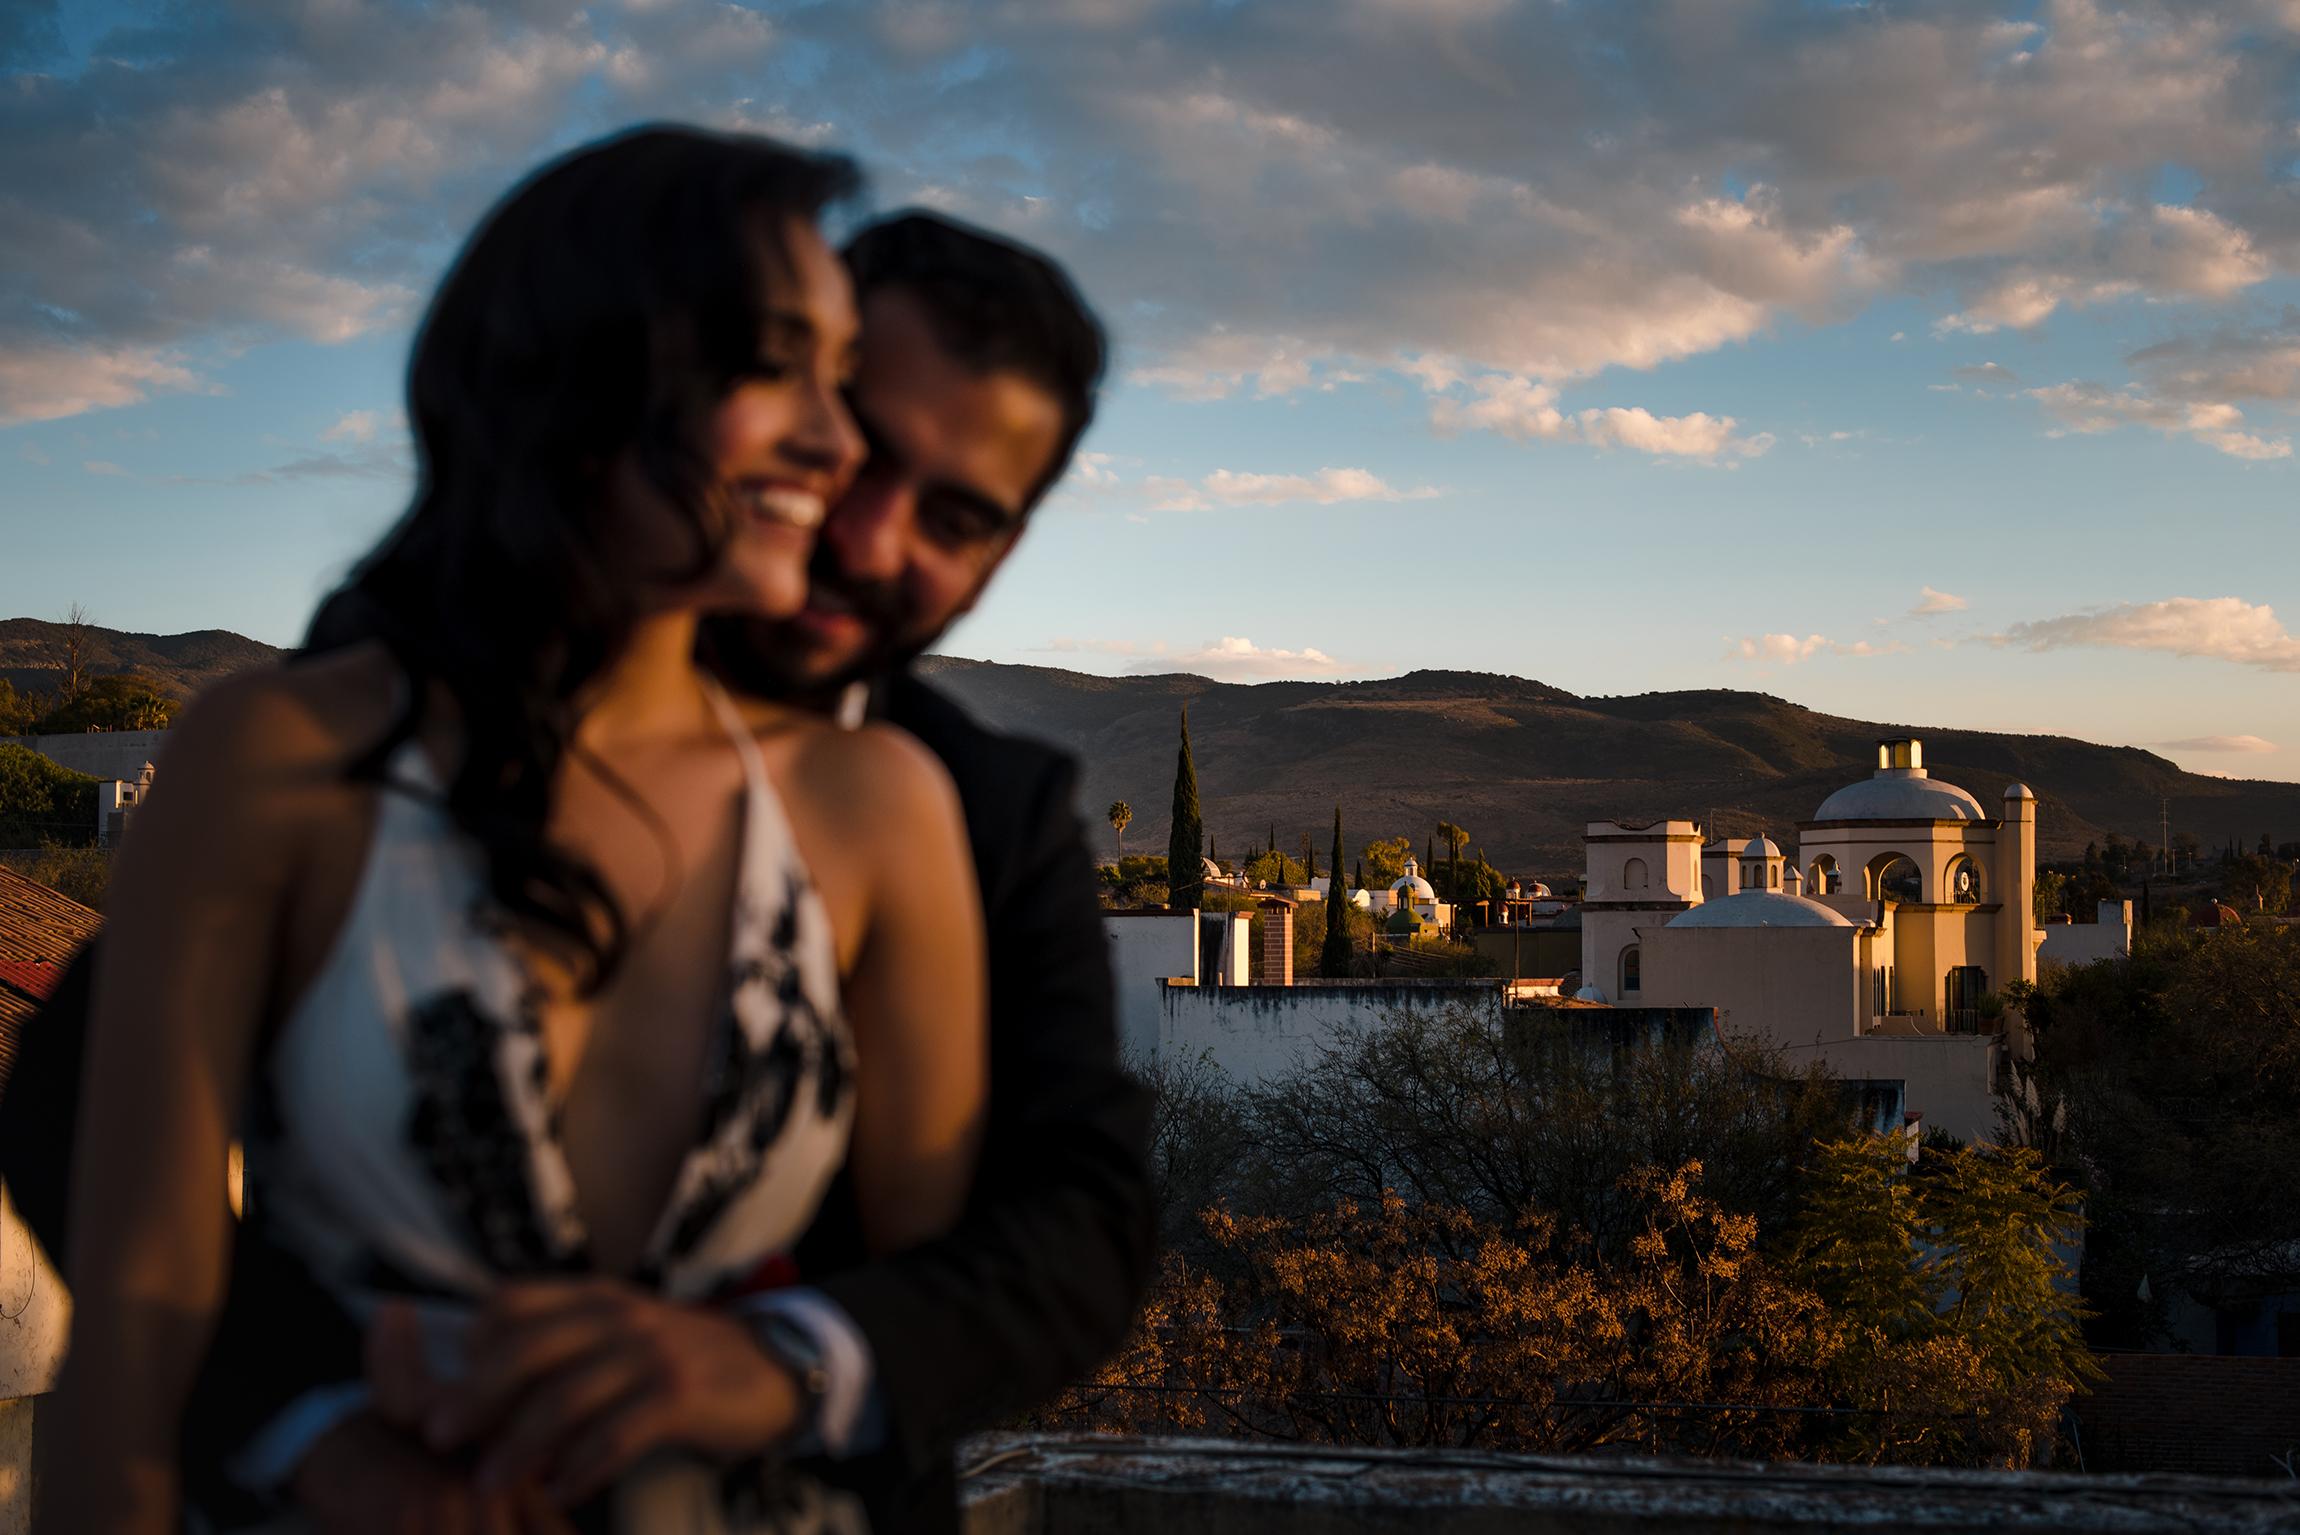 San Miguel de Allende fotografo magali espinosa top destino43.jpg